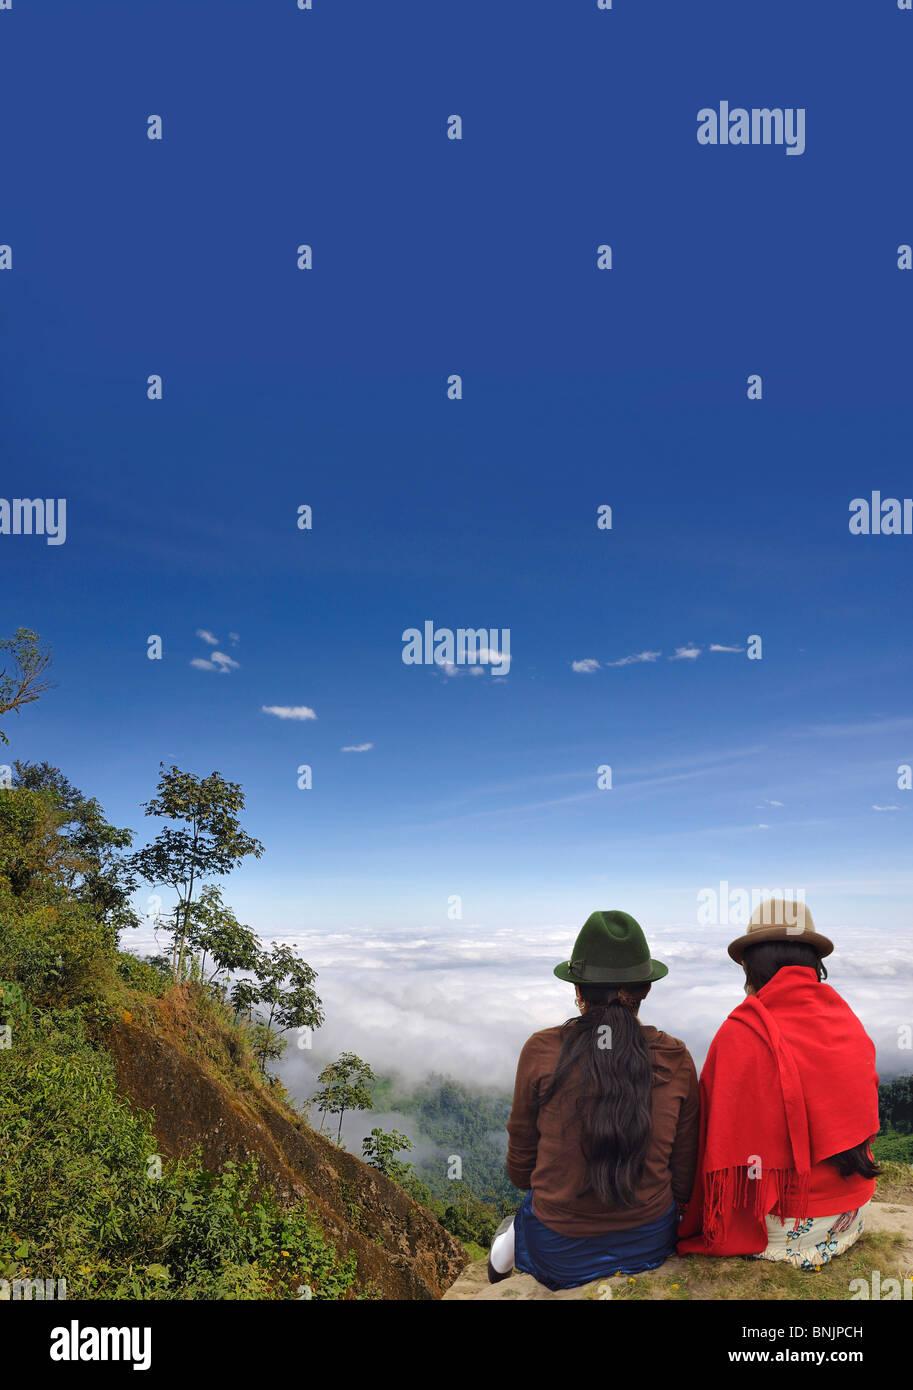 Wolken-Wald Nebel in der Nähe von Puerto Inca Ecuador Südamerika reisen Menschen 2 Indios Hüte Stockbild